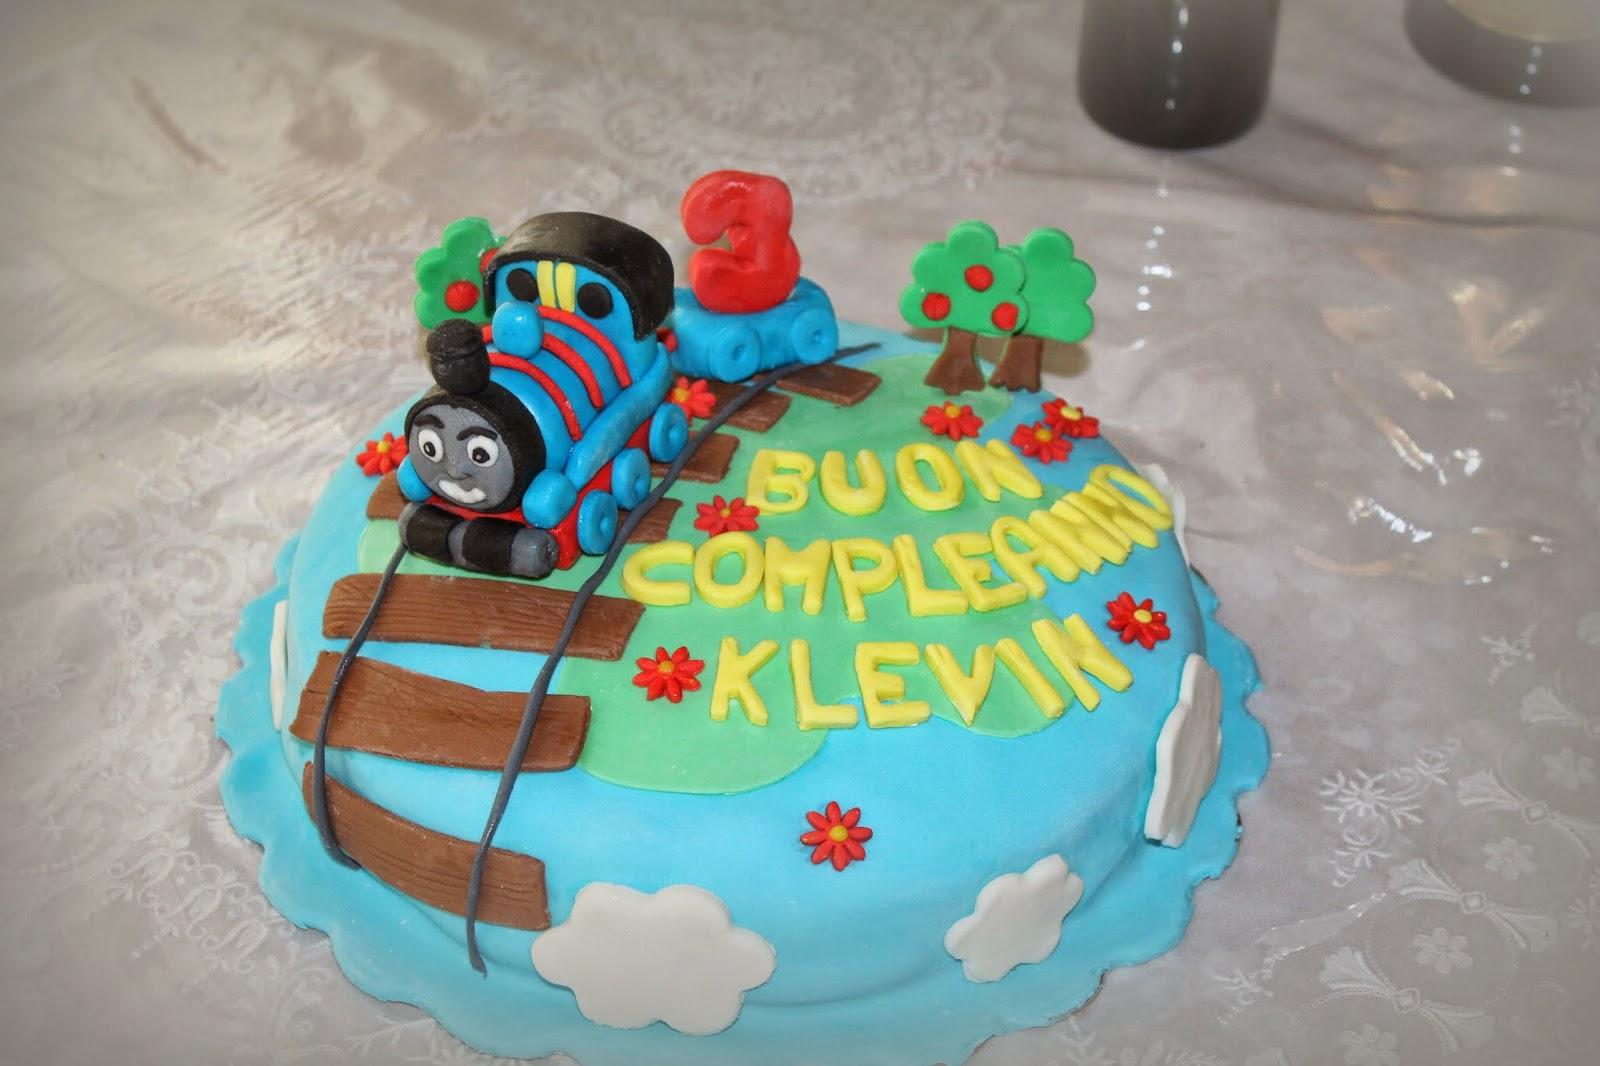 I pasticci di alessia torta trenino thomas for Decorazioni torte trenino thomas